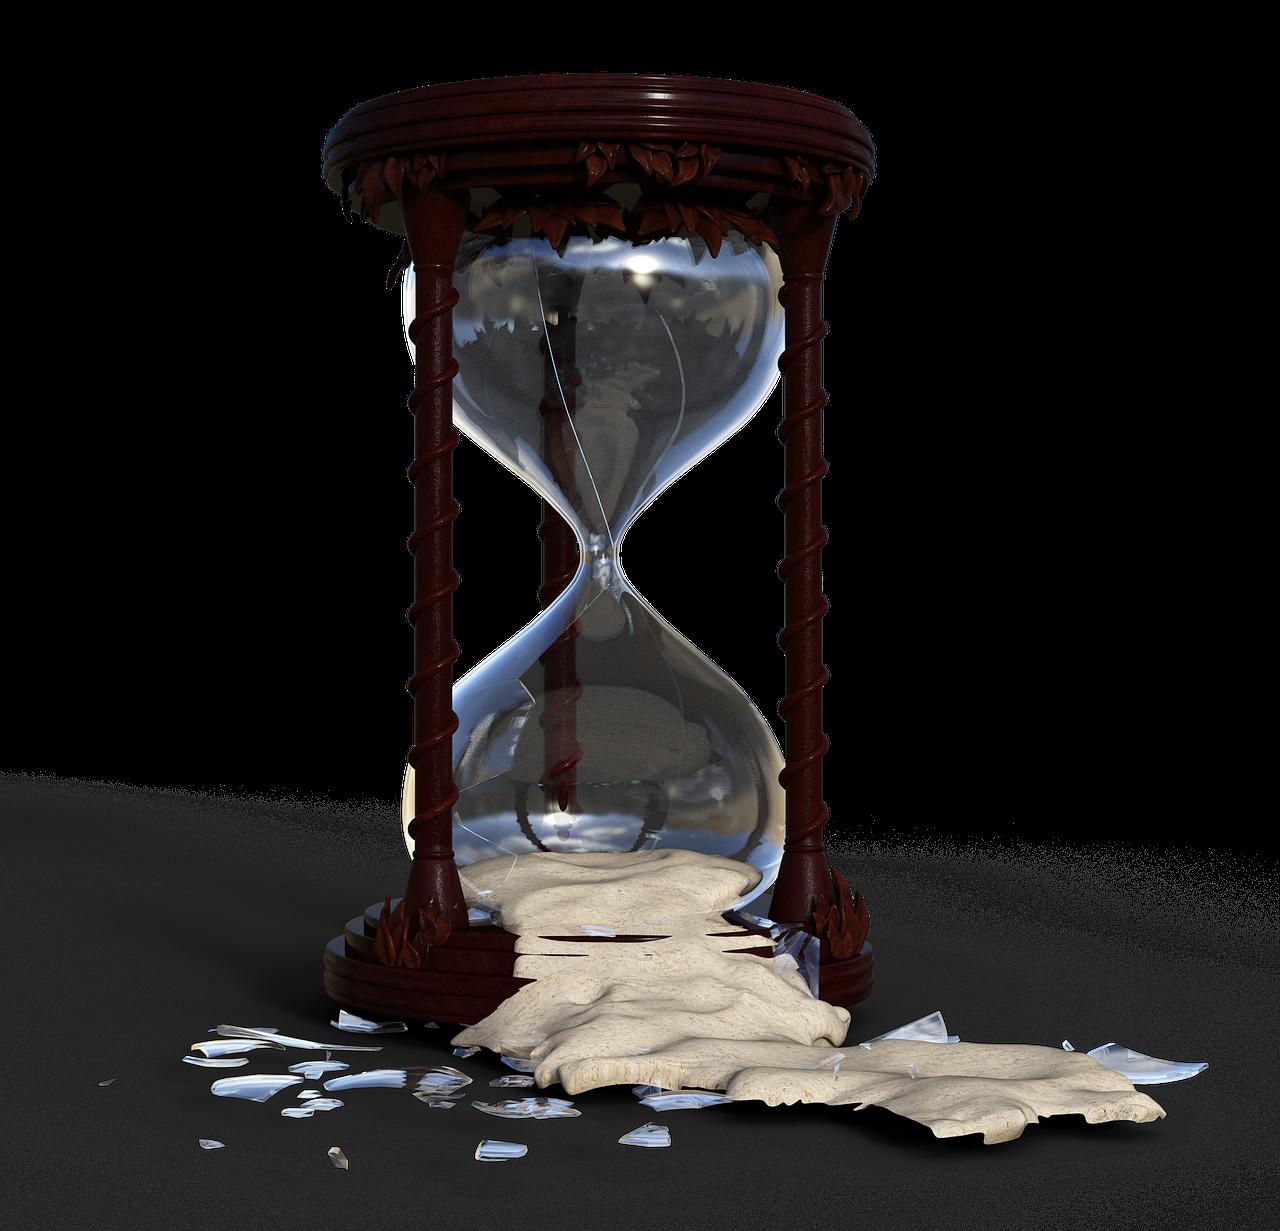 hourglass, flow of time, broken